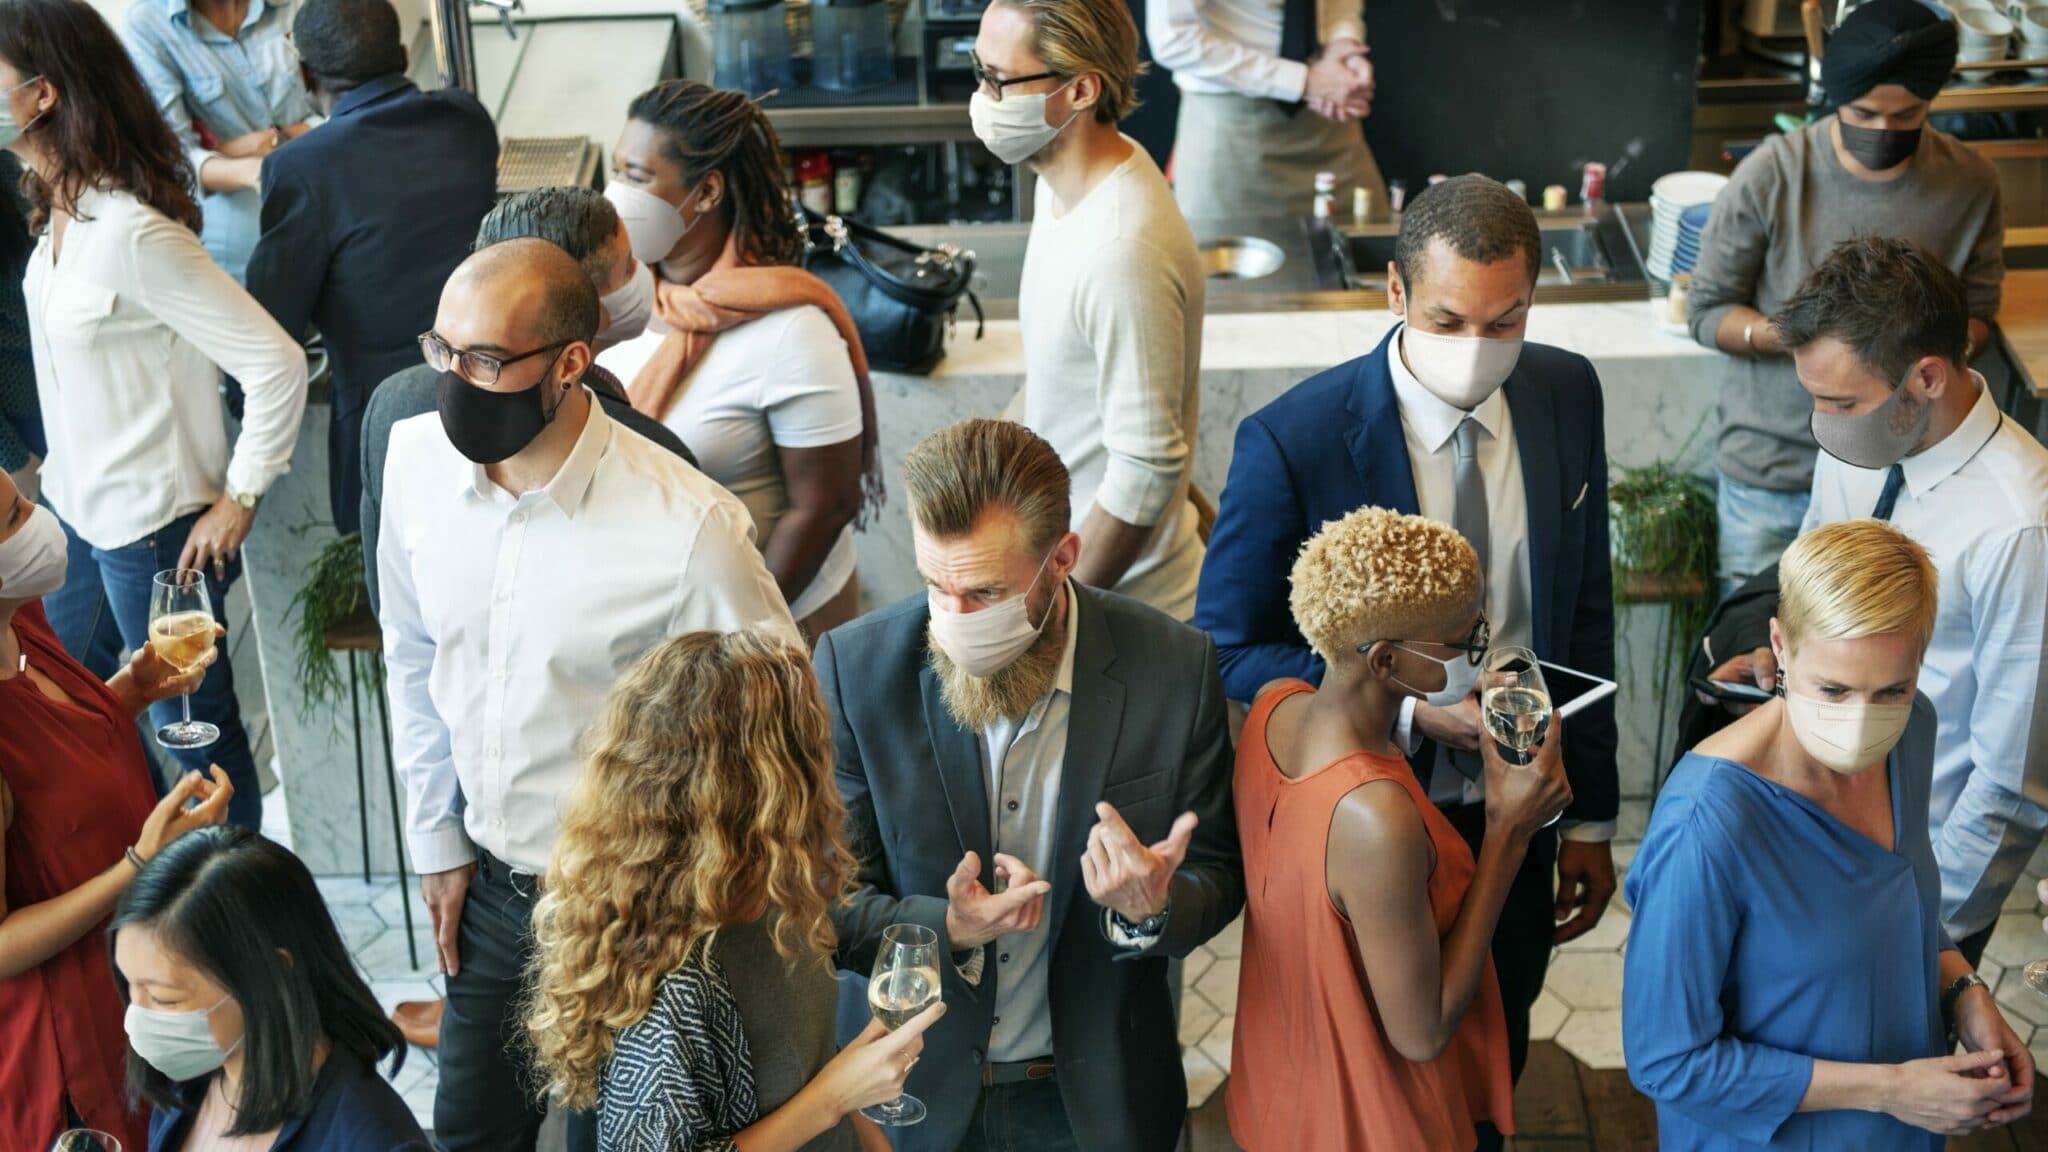 Das Bild zeigt Besucher mit Maske bei einer Veranstaltung unter Corona-Maßnahmen